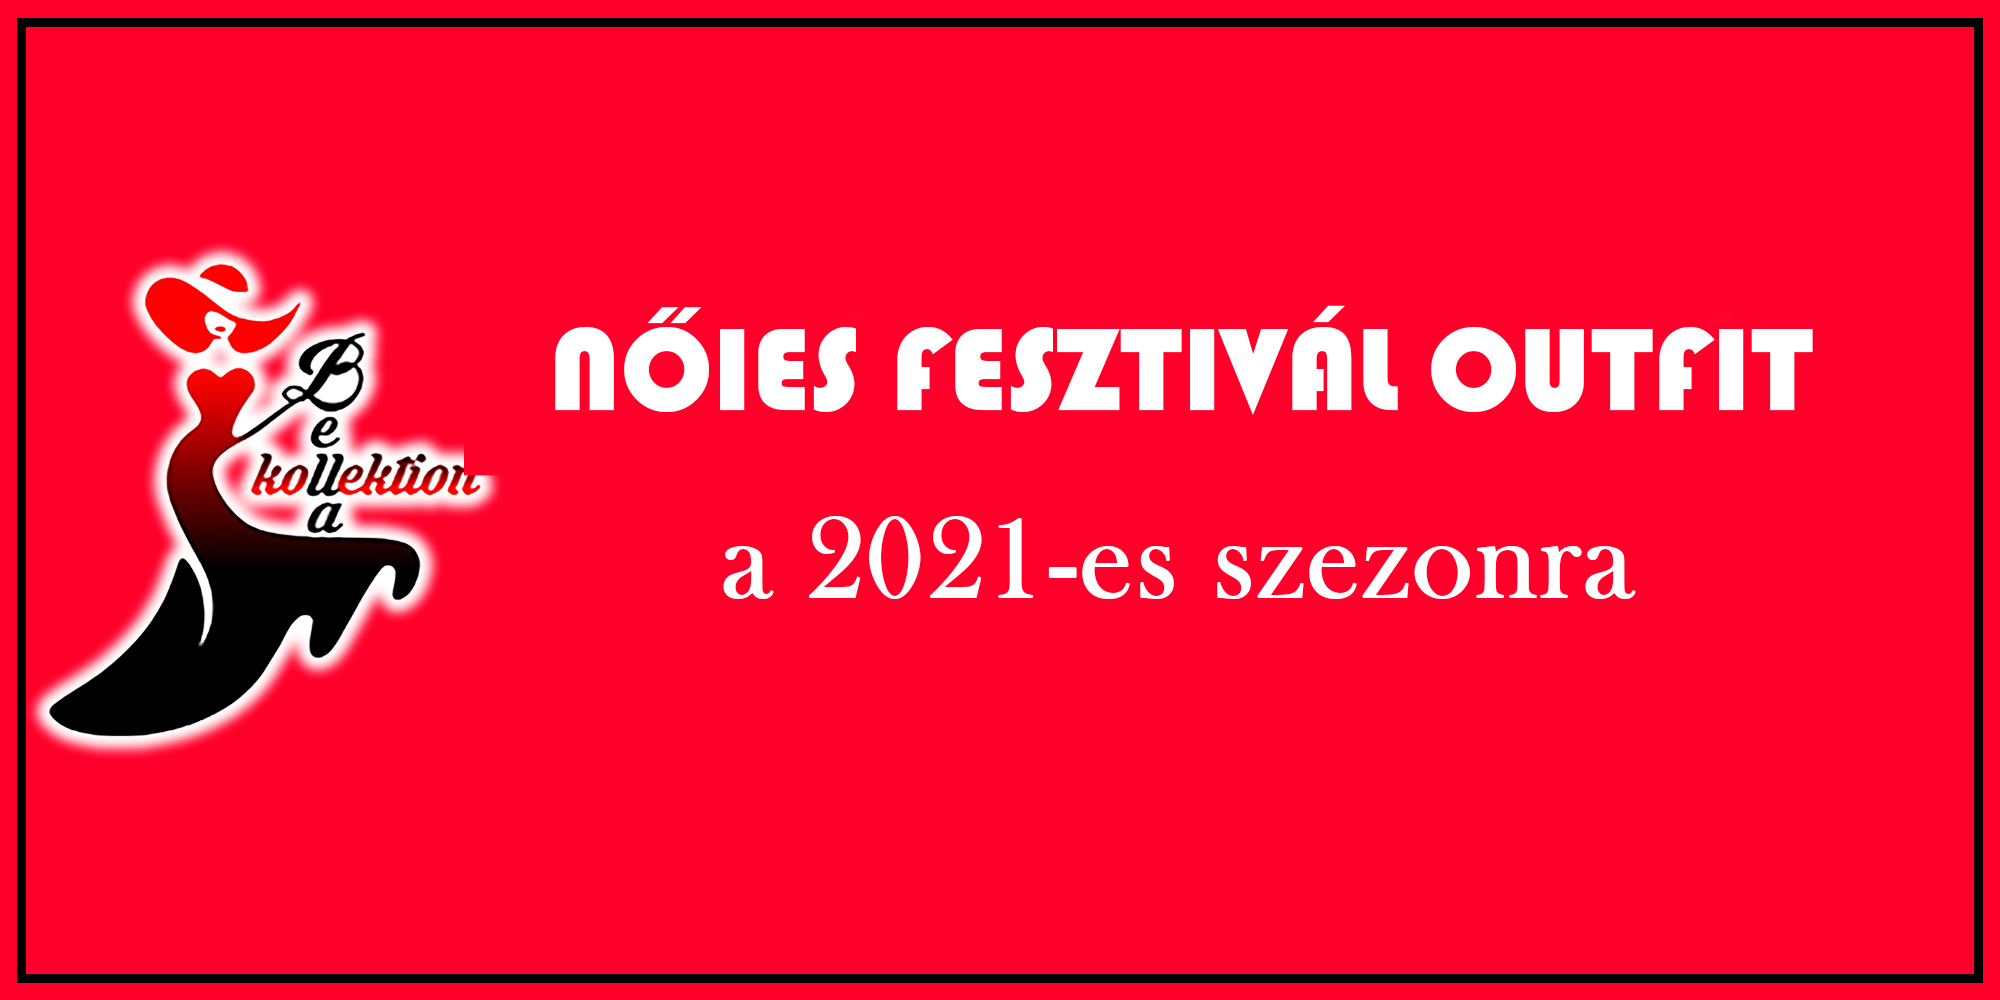 Nőies fesztivál outfit a 2021-es szezonra